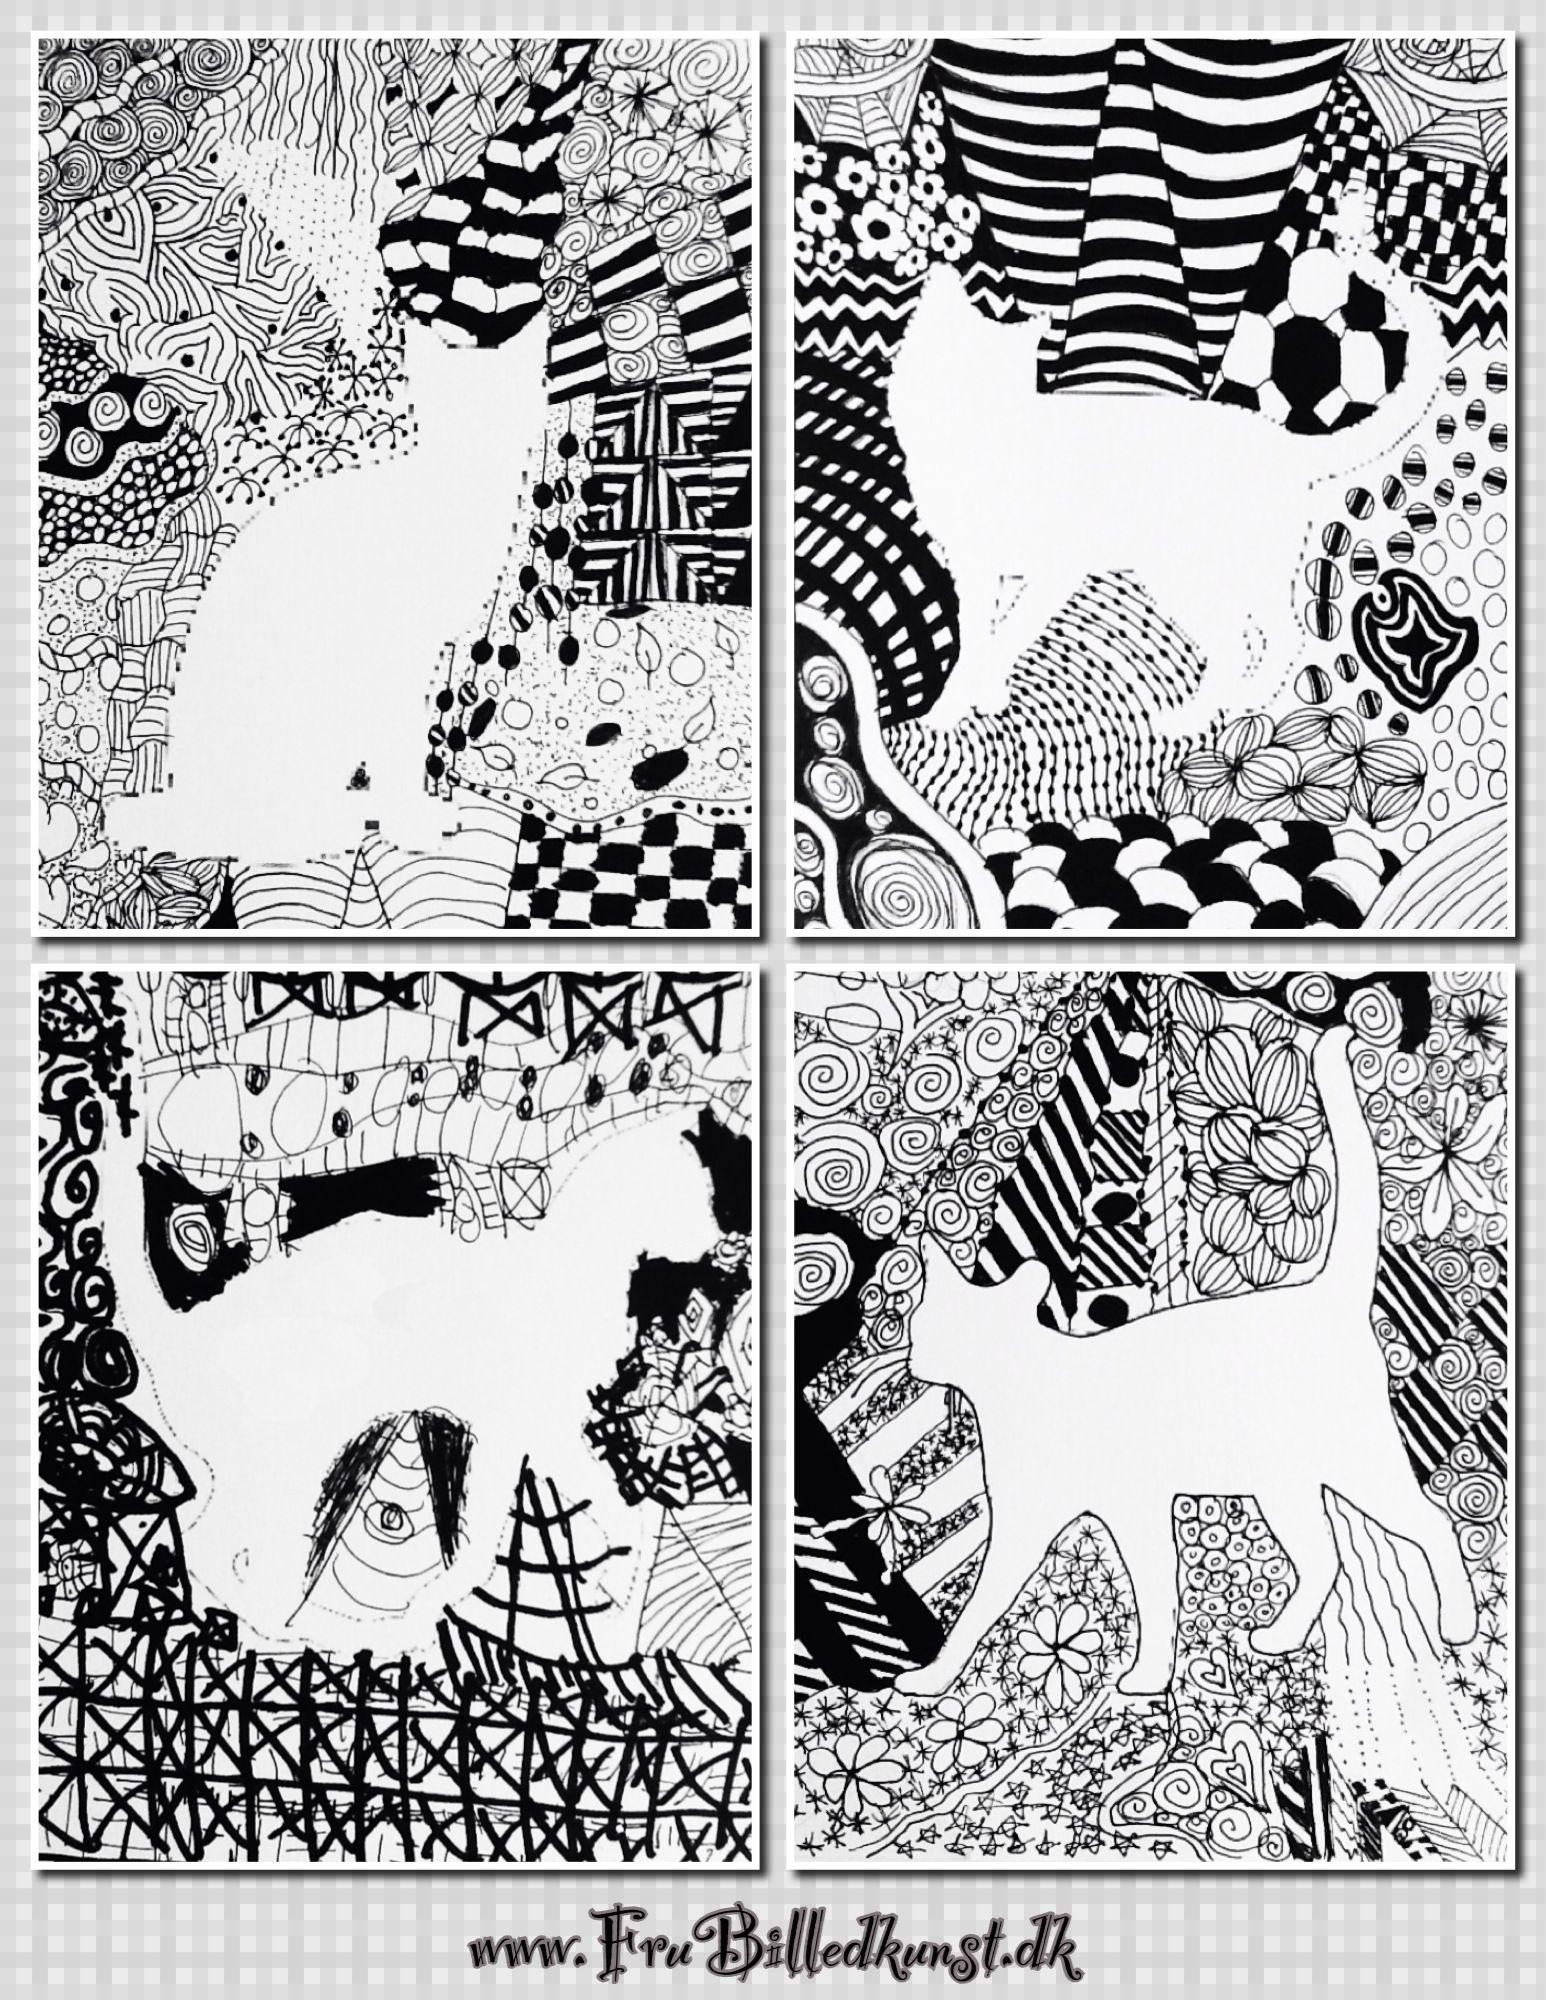 Frubilledkunst doodle zentangled animals domestic